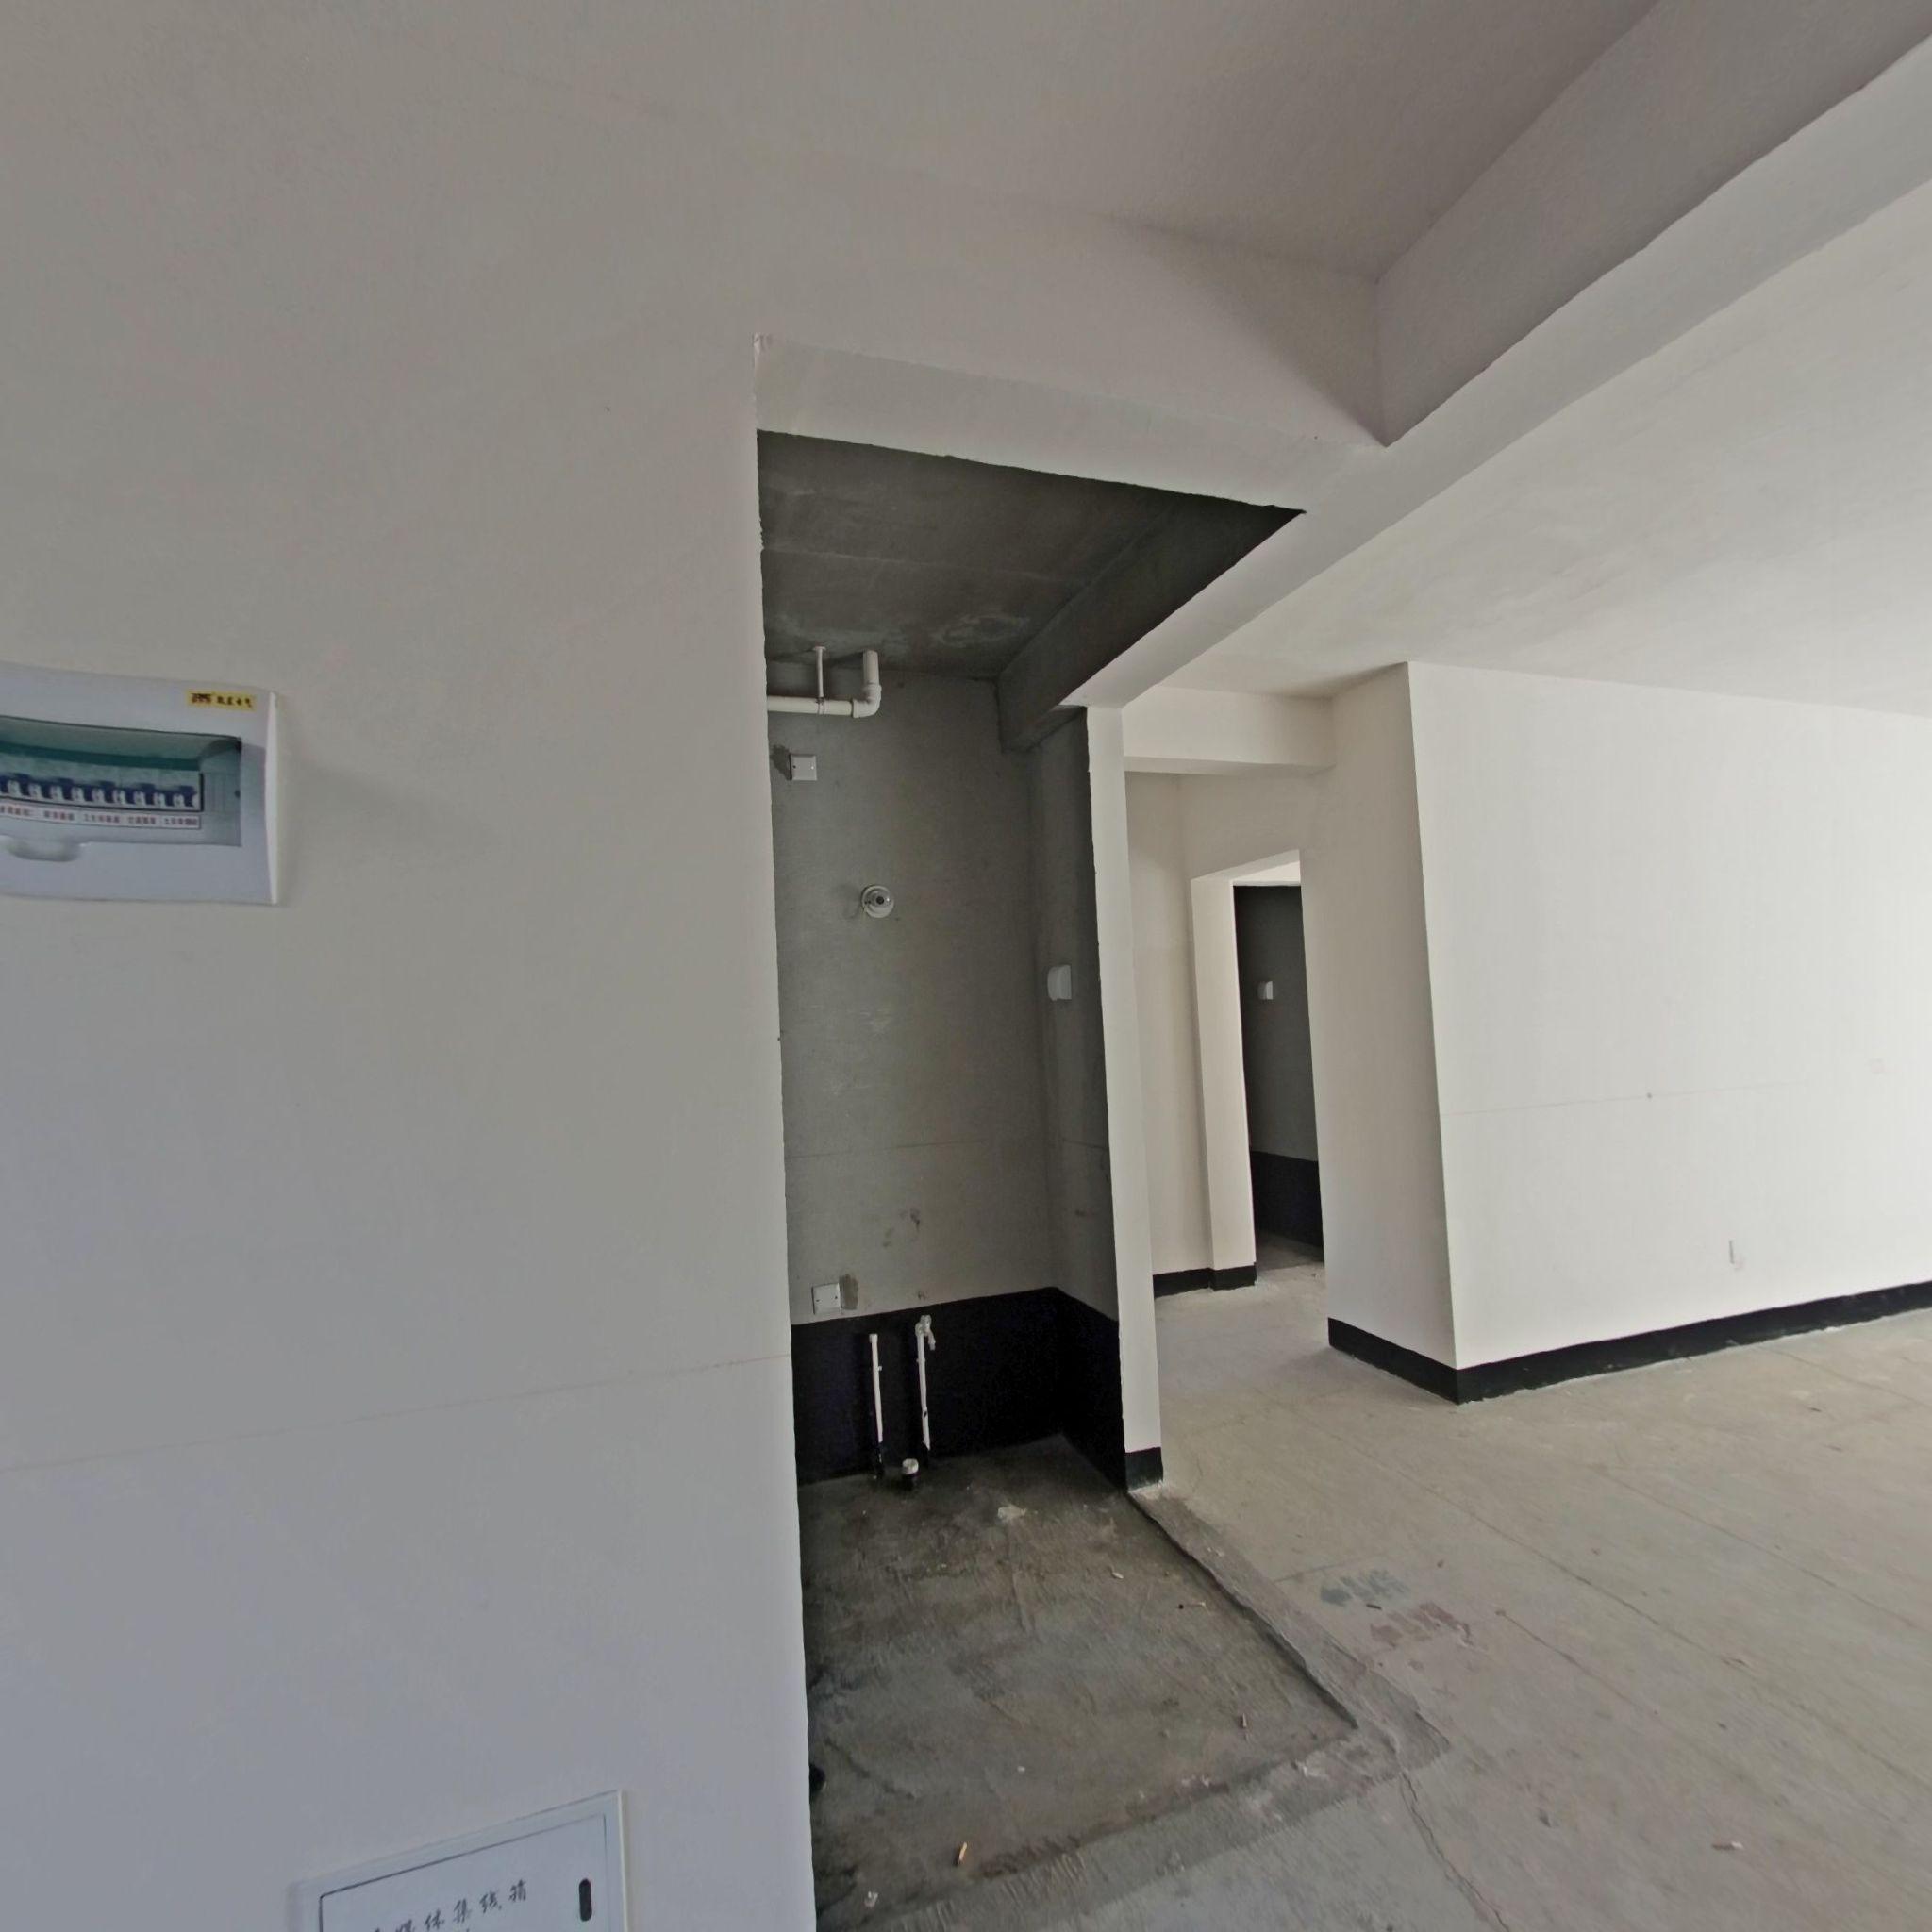 金凤区,金凤,绿地城海珀兰轩,绿地城海珀兰轩,3室2厅,134㎡